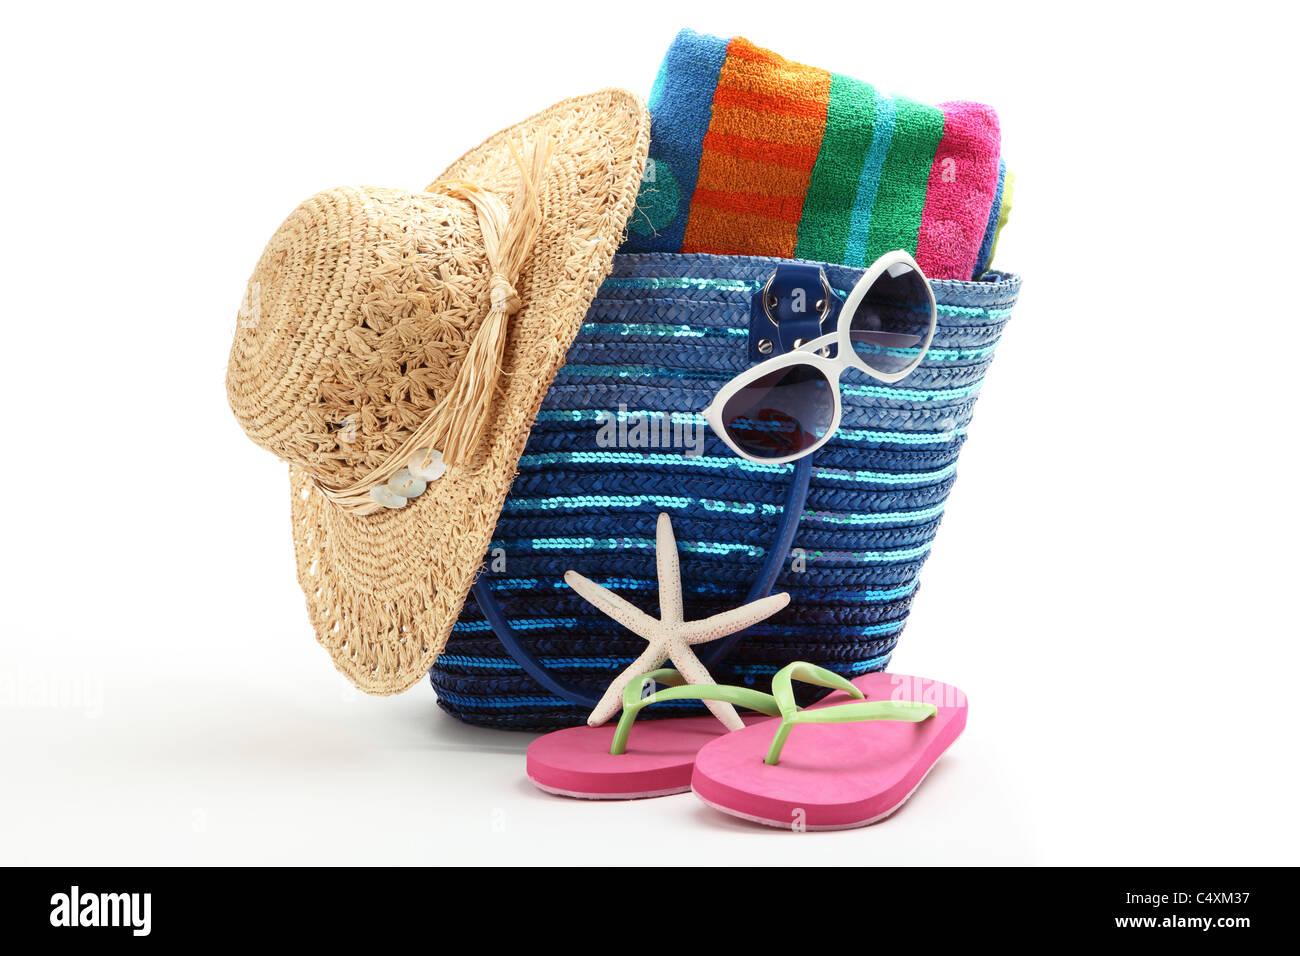 Borsa da spiaggia con cappello di paglia,asciugamano,infradito e occhiali da sole.isolati su sfondo bianco. Immagini Stock